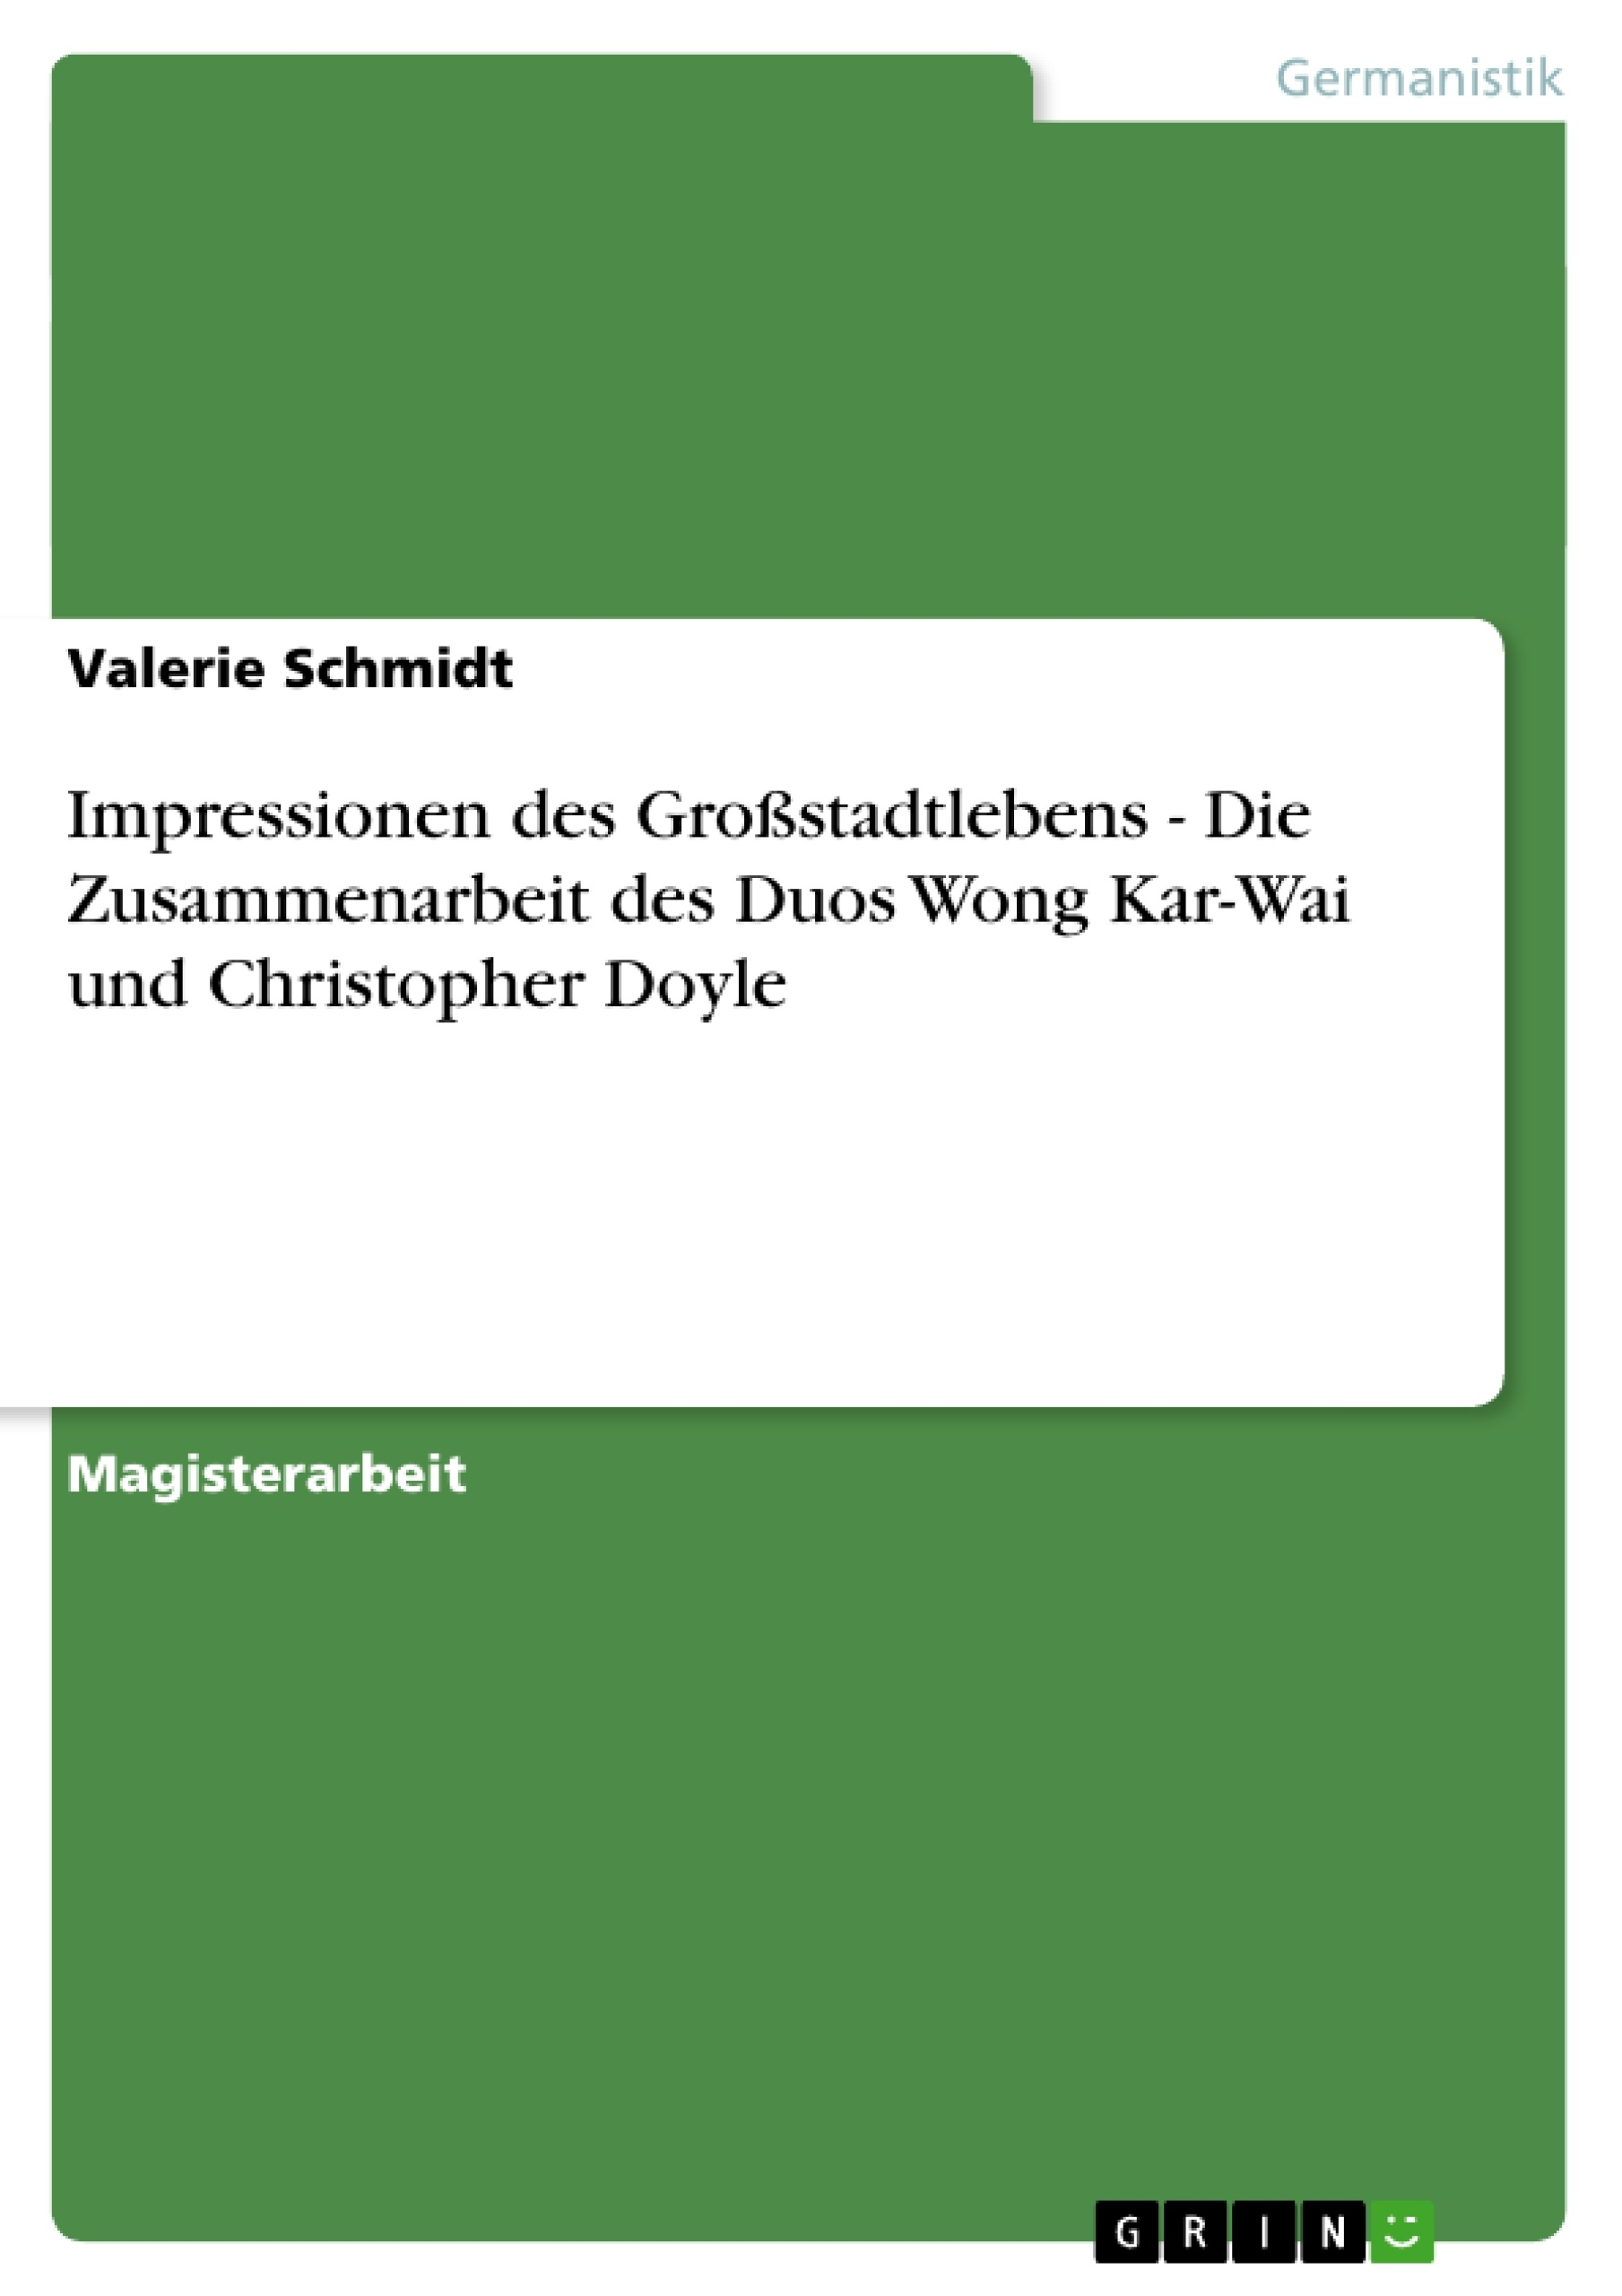 Titel: Impressionen des Großstadtlebens - Die Zusammenarbeit des Duos Wong Kar-Wai und Christopher Doyle